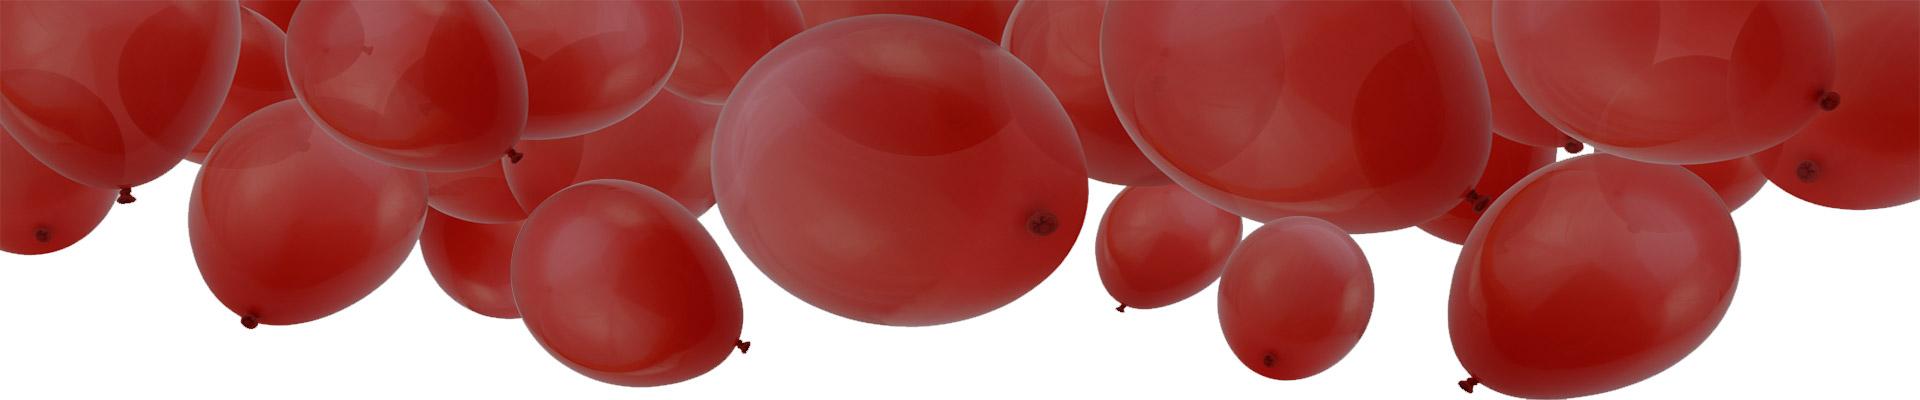 header-balloons-05e